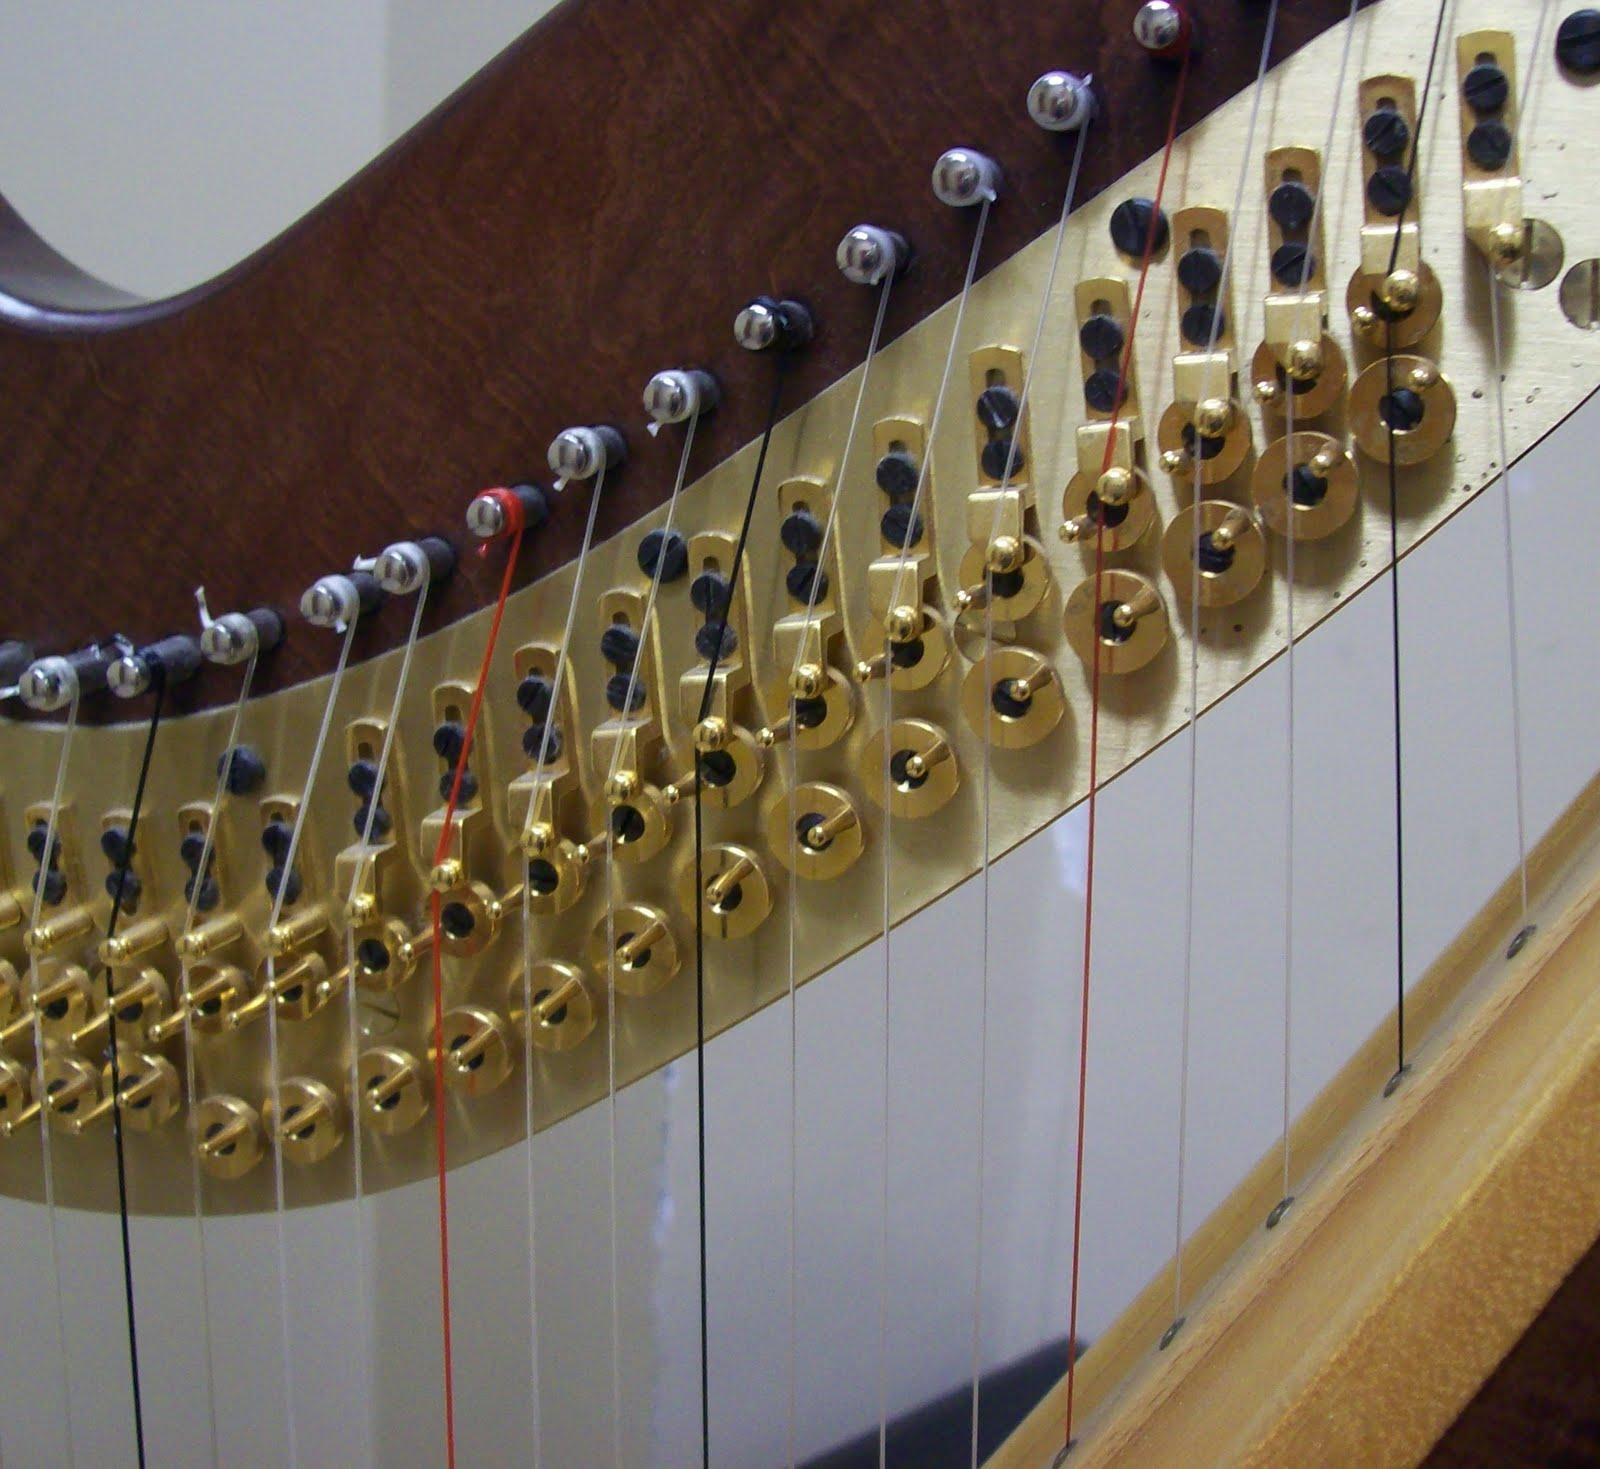 http://2.bp.blogspot.com/-FvuDe1ROkJw/TW1aZAKe2sI/AAAAAAAABDs/QciZ7Bk3Ul8/s1600/harpstrings1.jpg